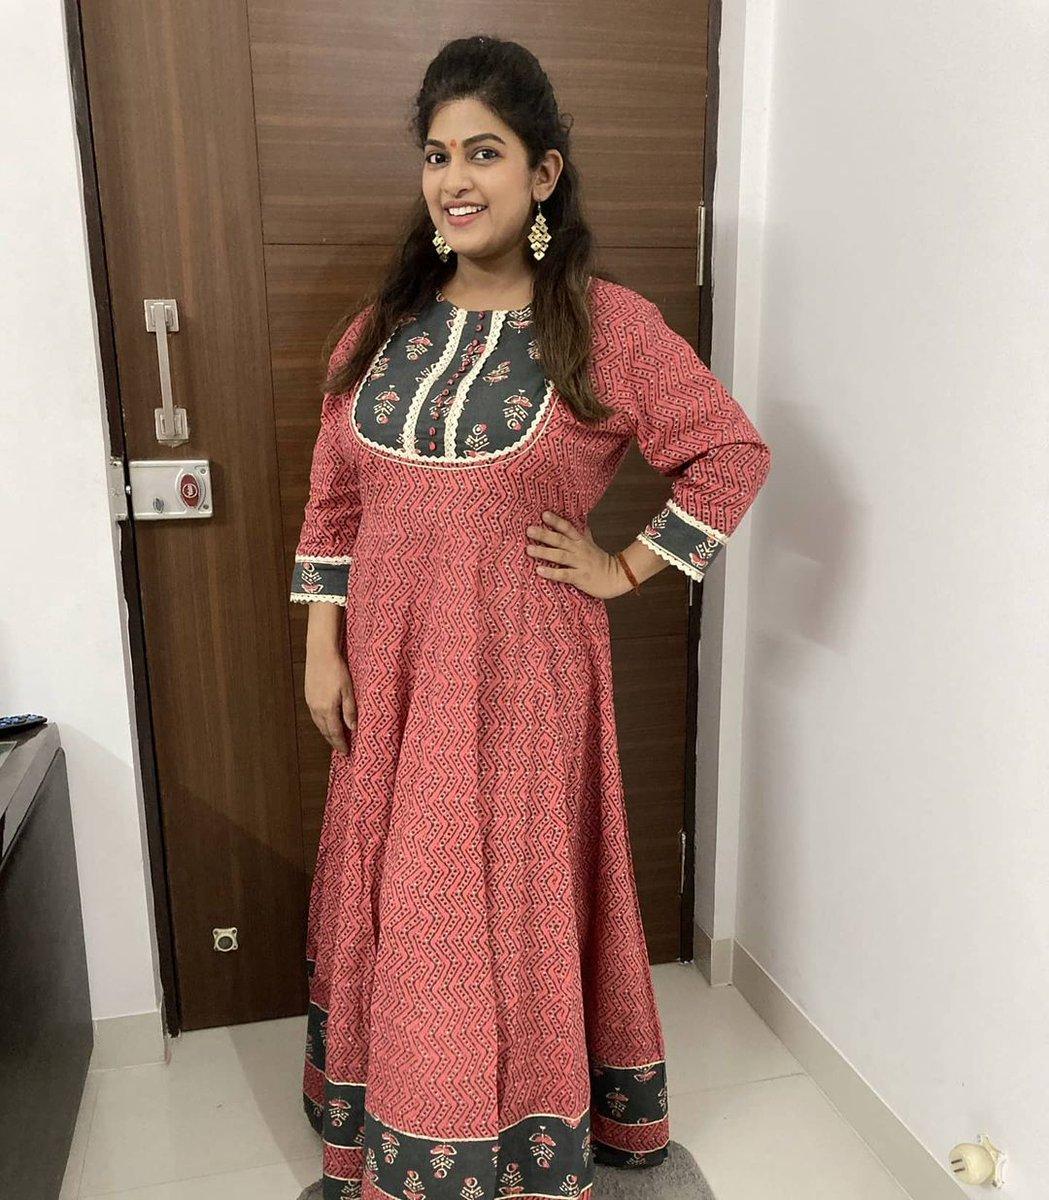 अभिनेत्री धनश्री काडगावकर 😍😍 . . @kadgaonkar_dhanashri #dhanashrikadgaonkar #actress #marathiactress #marathi #beautiful #gorgeous #cute #marathiabhinetri #maharashtra_ig #marathi_ig #marathimulgi #marathigirls #marathistars #repost